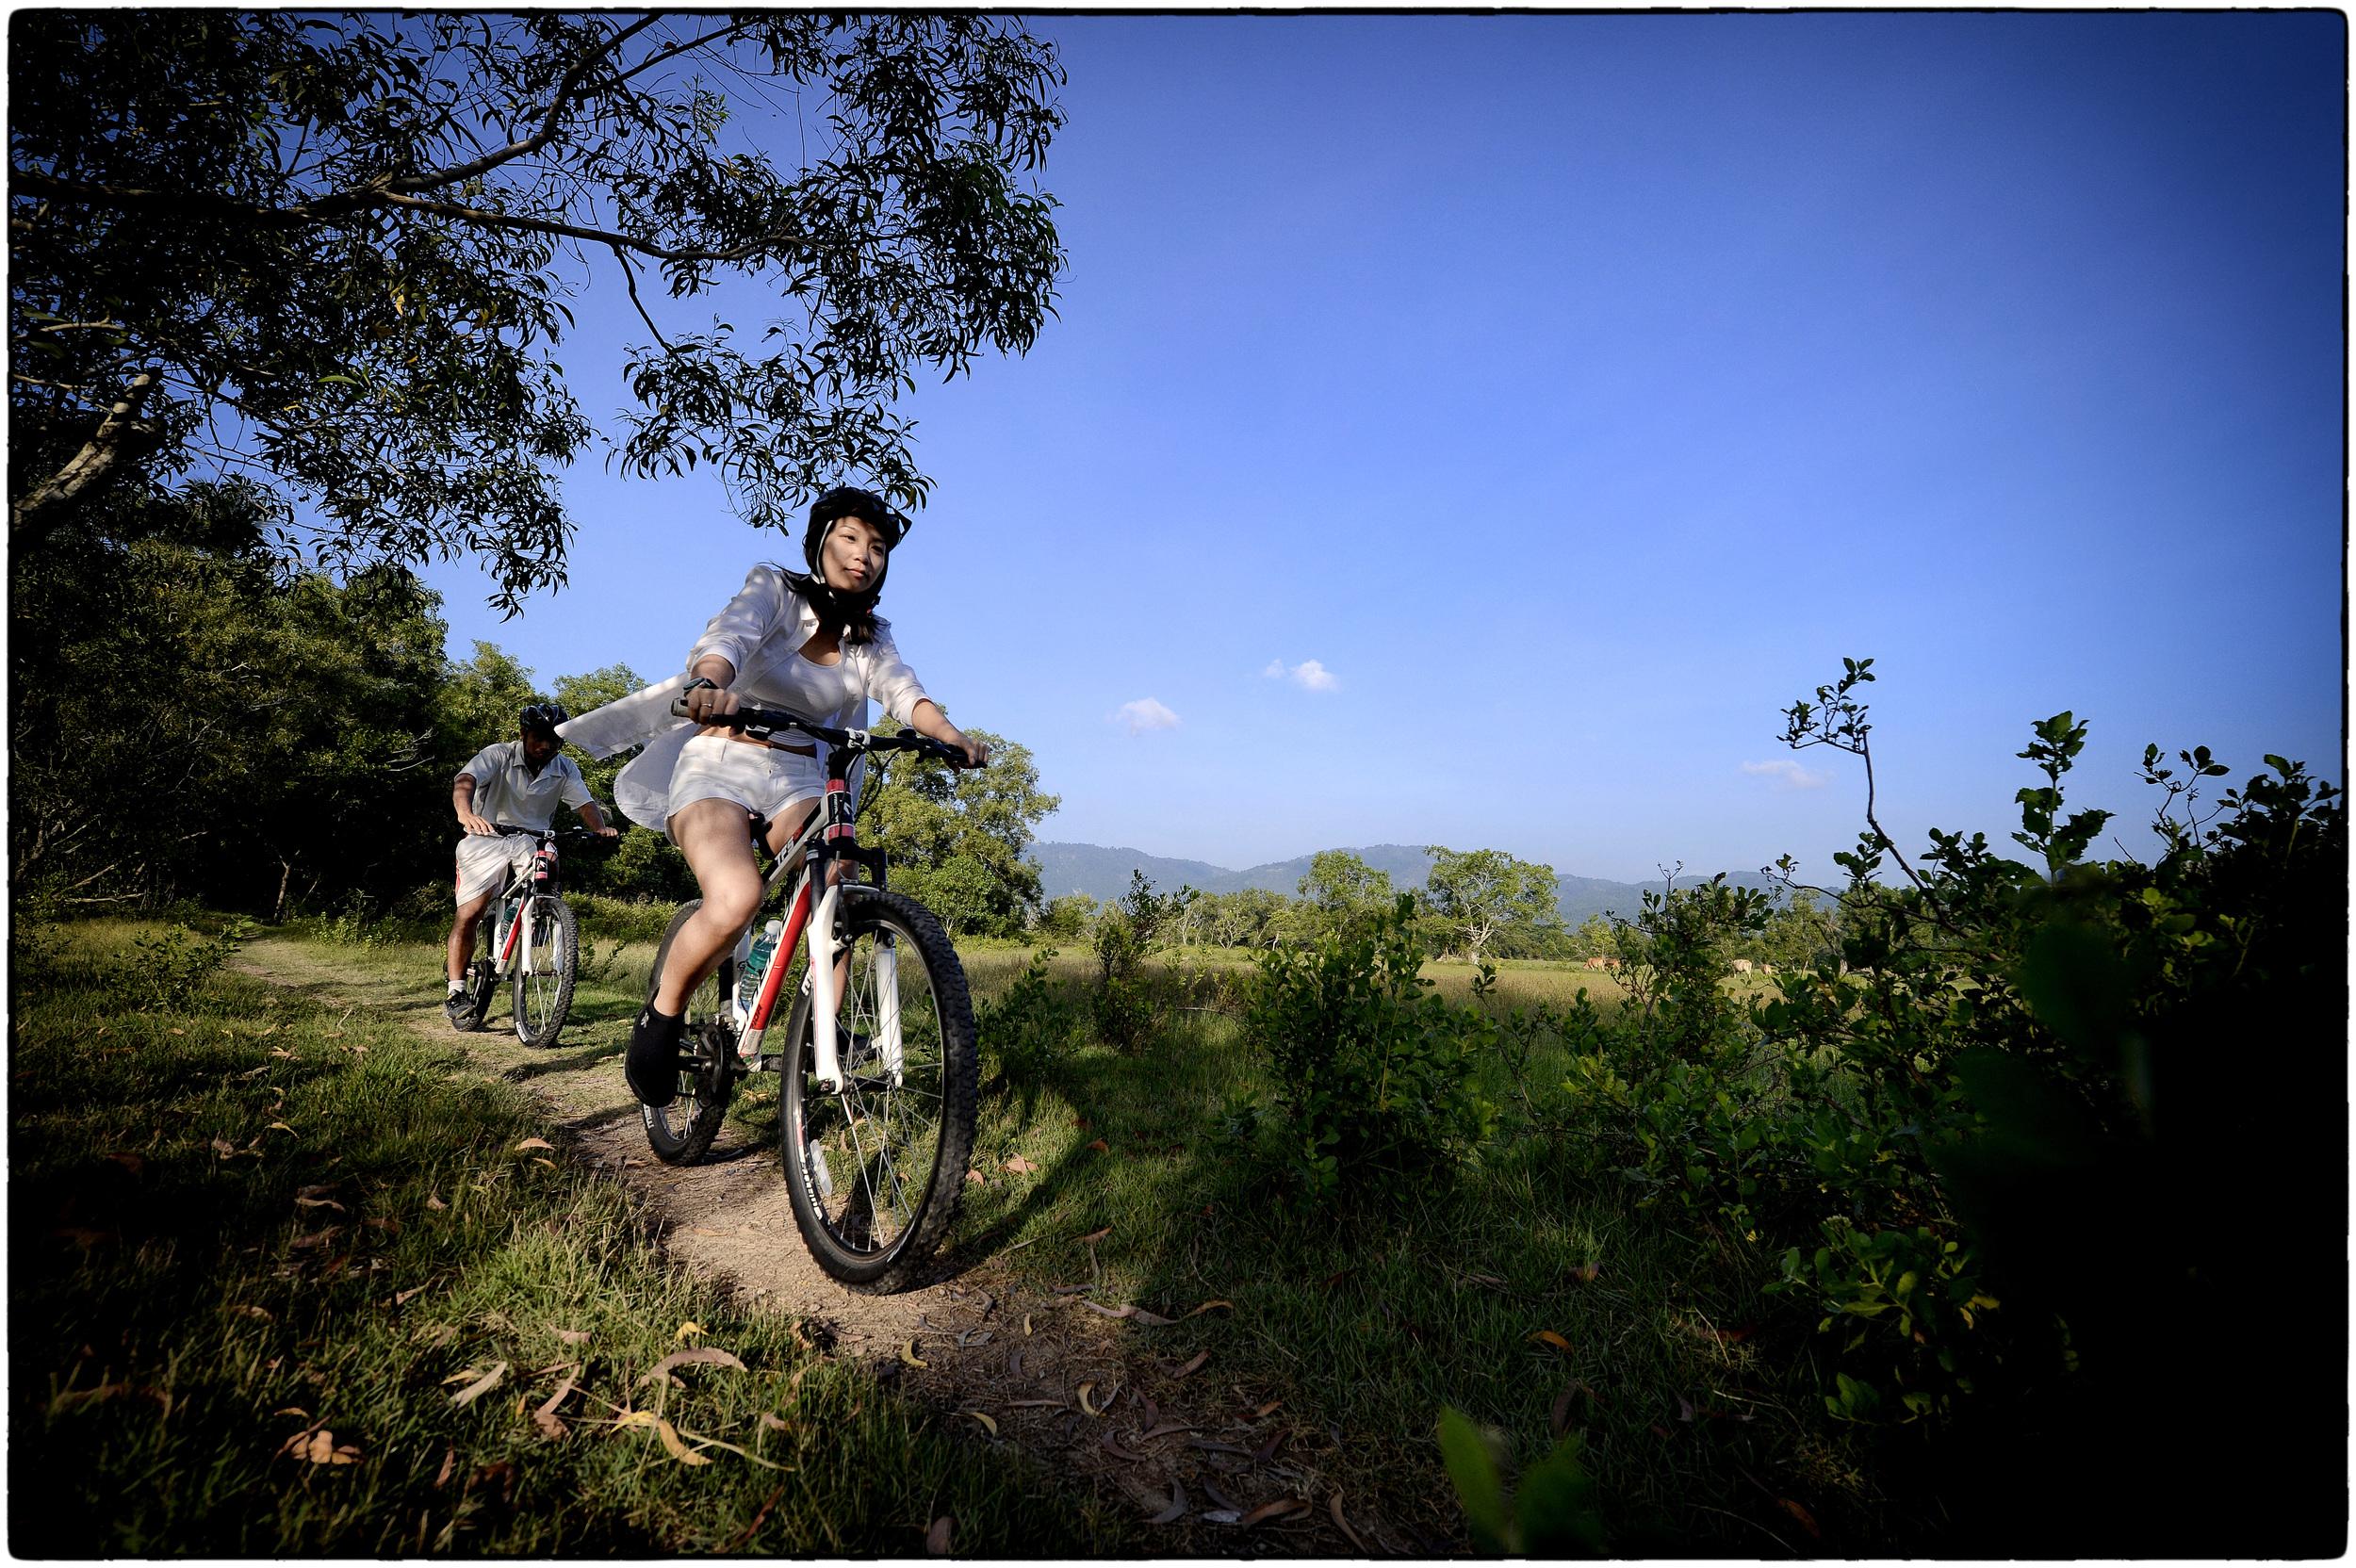 biking02.jpg